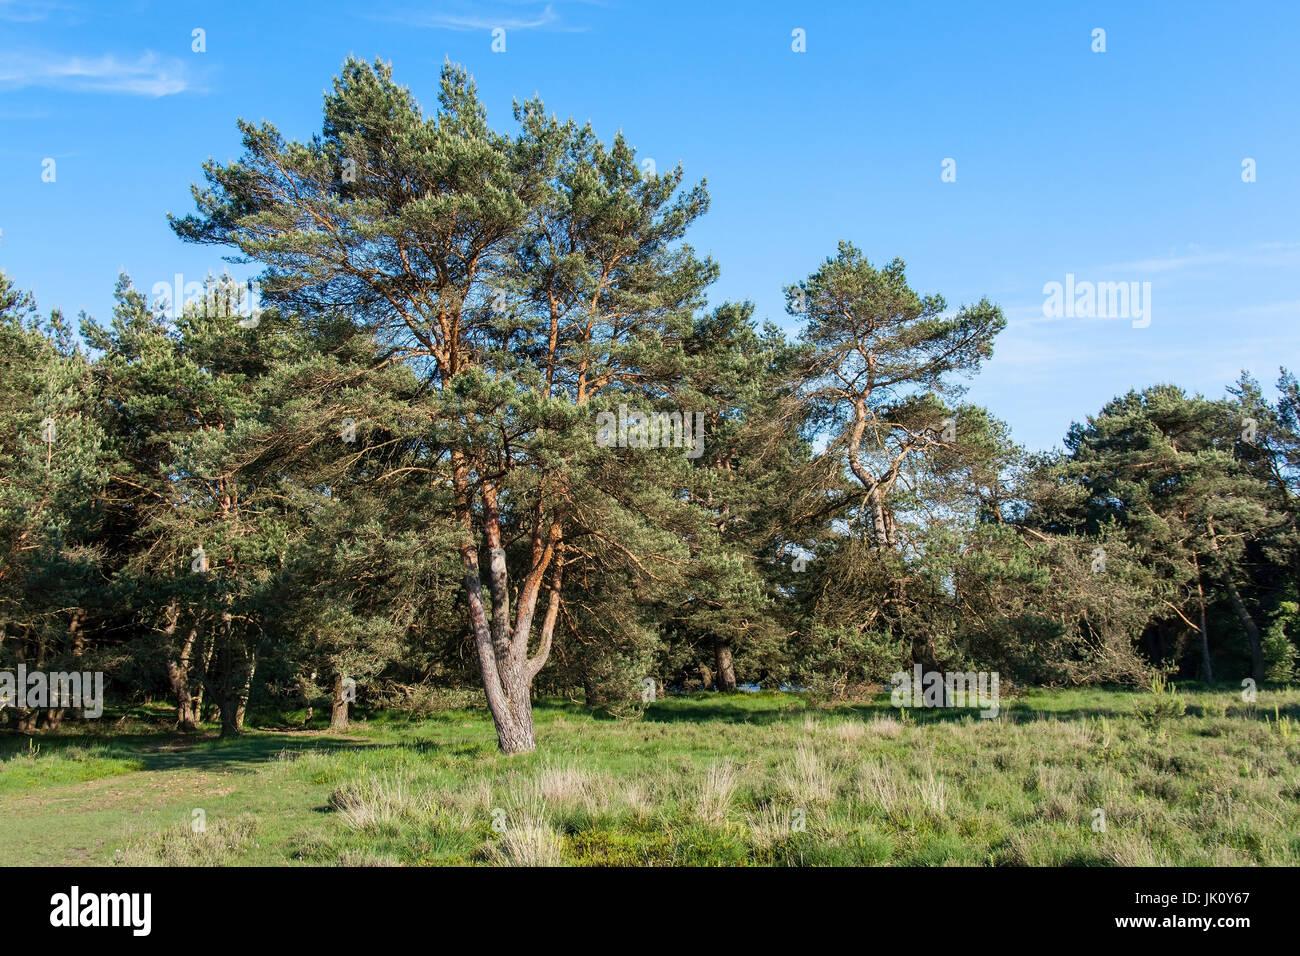 Svuotare i pini nel bordo della situazione forestale in primavera, freistehende kiefern in waldrandlage fruehling im Foto Stock